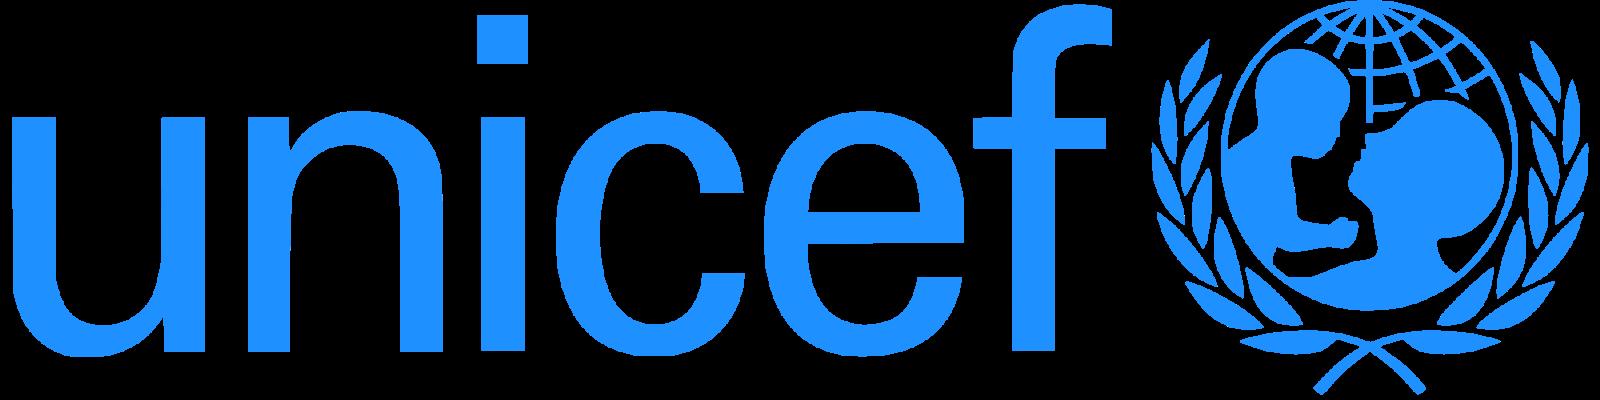 UNICEF logo.